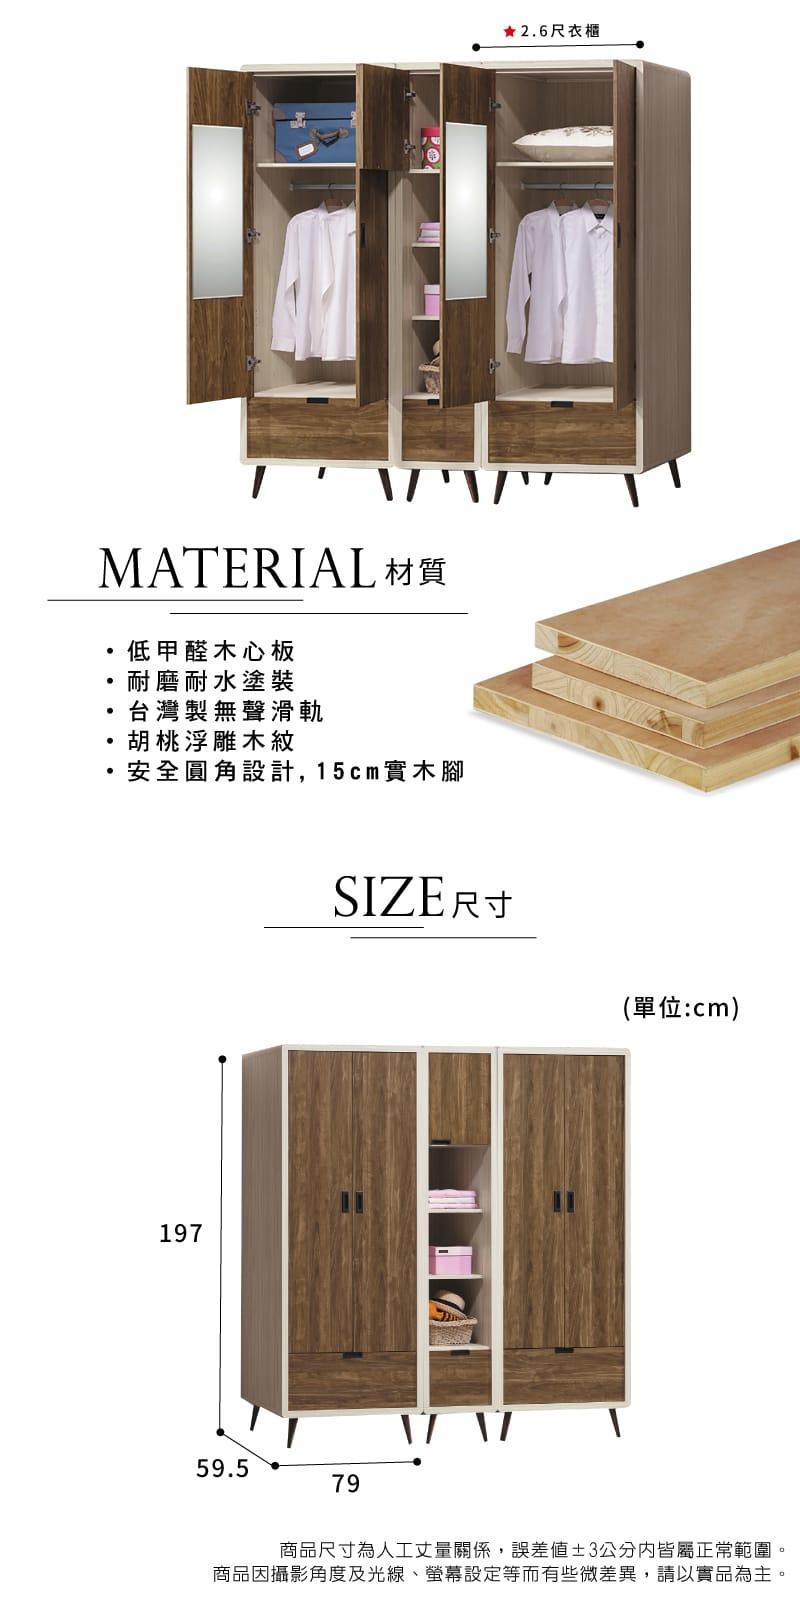 拉門收納置物衣櫃 寬79cm【北歐風】